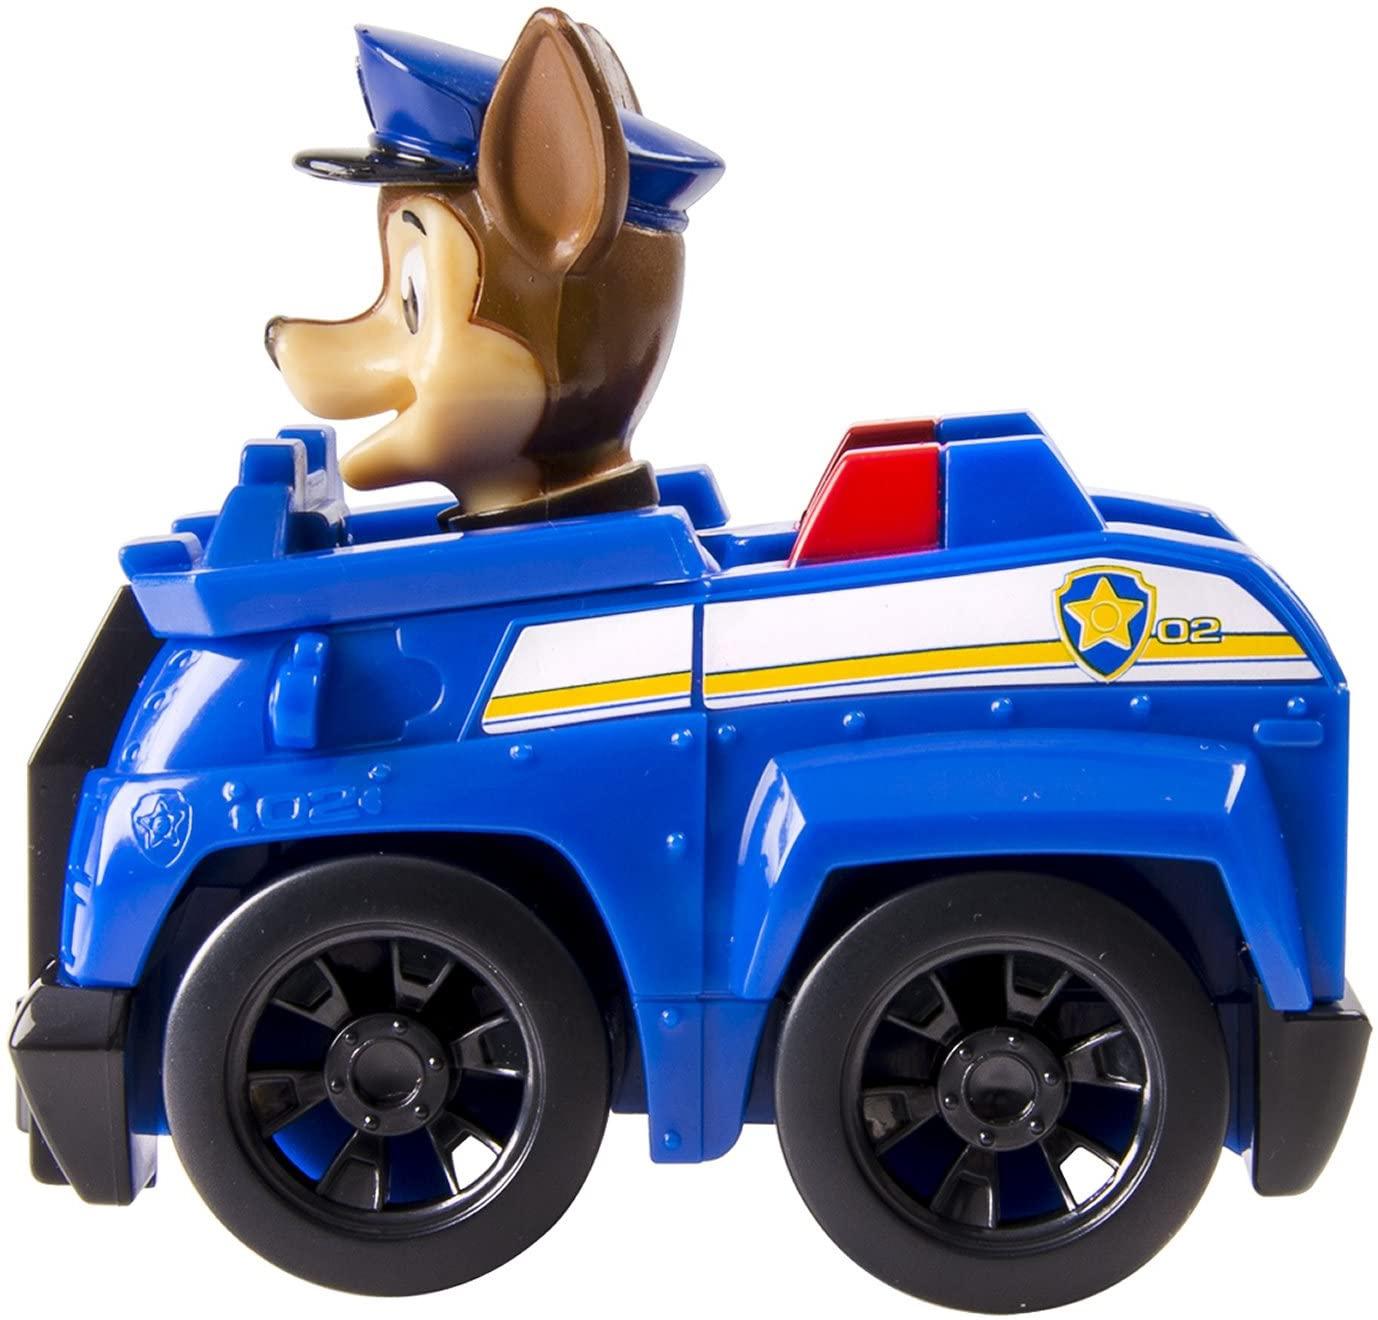 Patrulha Canina - Carrinho Boneco - Chase - 9 cm - Sunny